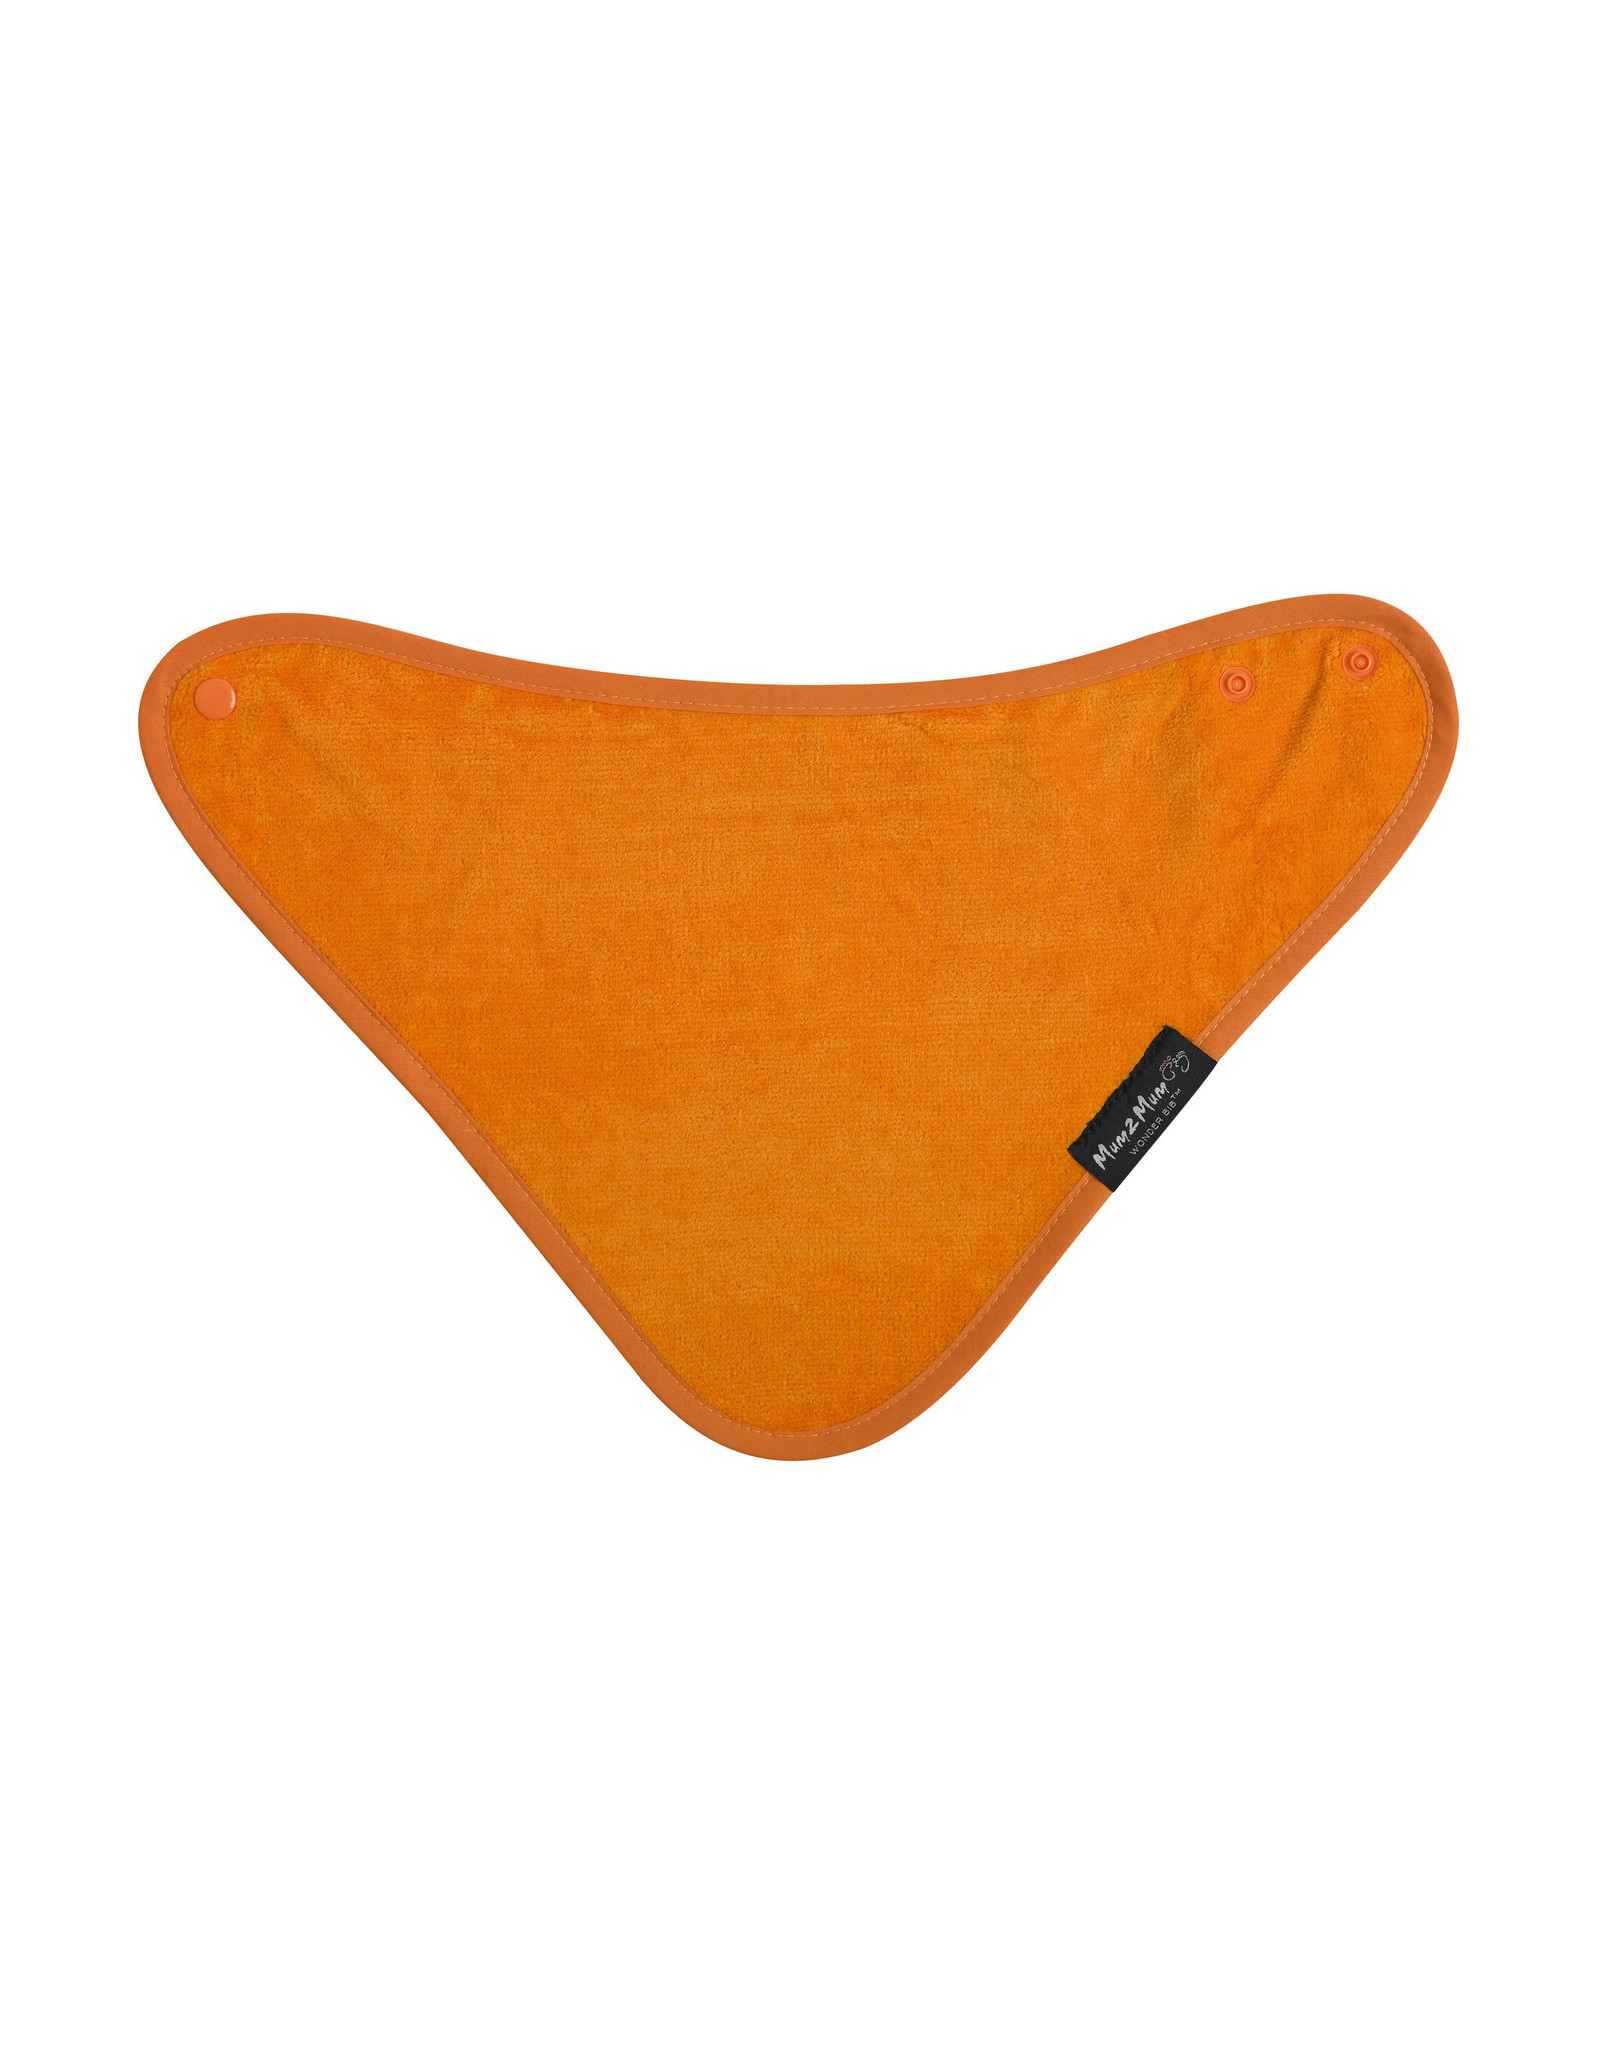 Mum2Mum Mum2Mum Bandana Bib Orange 6 stuks